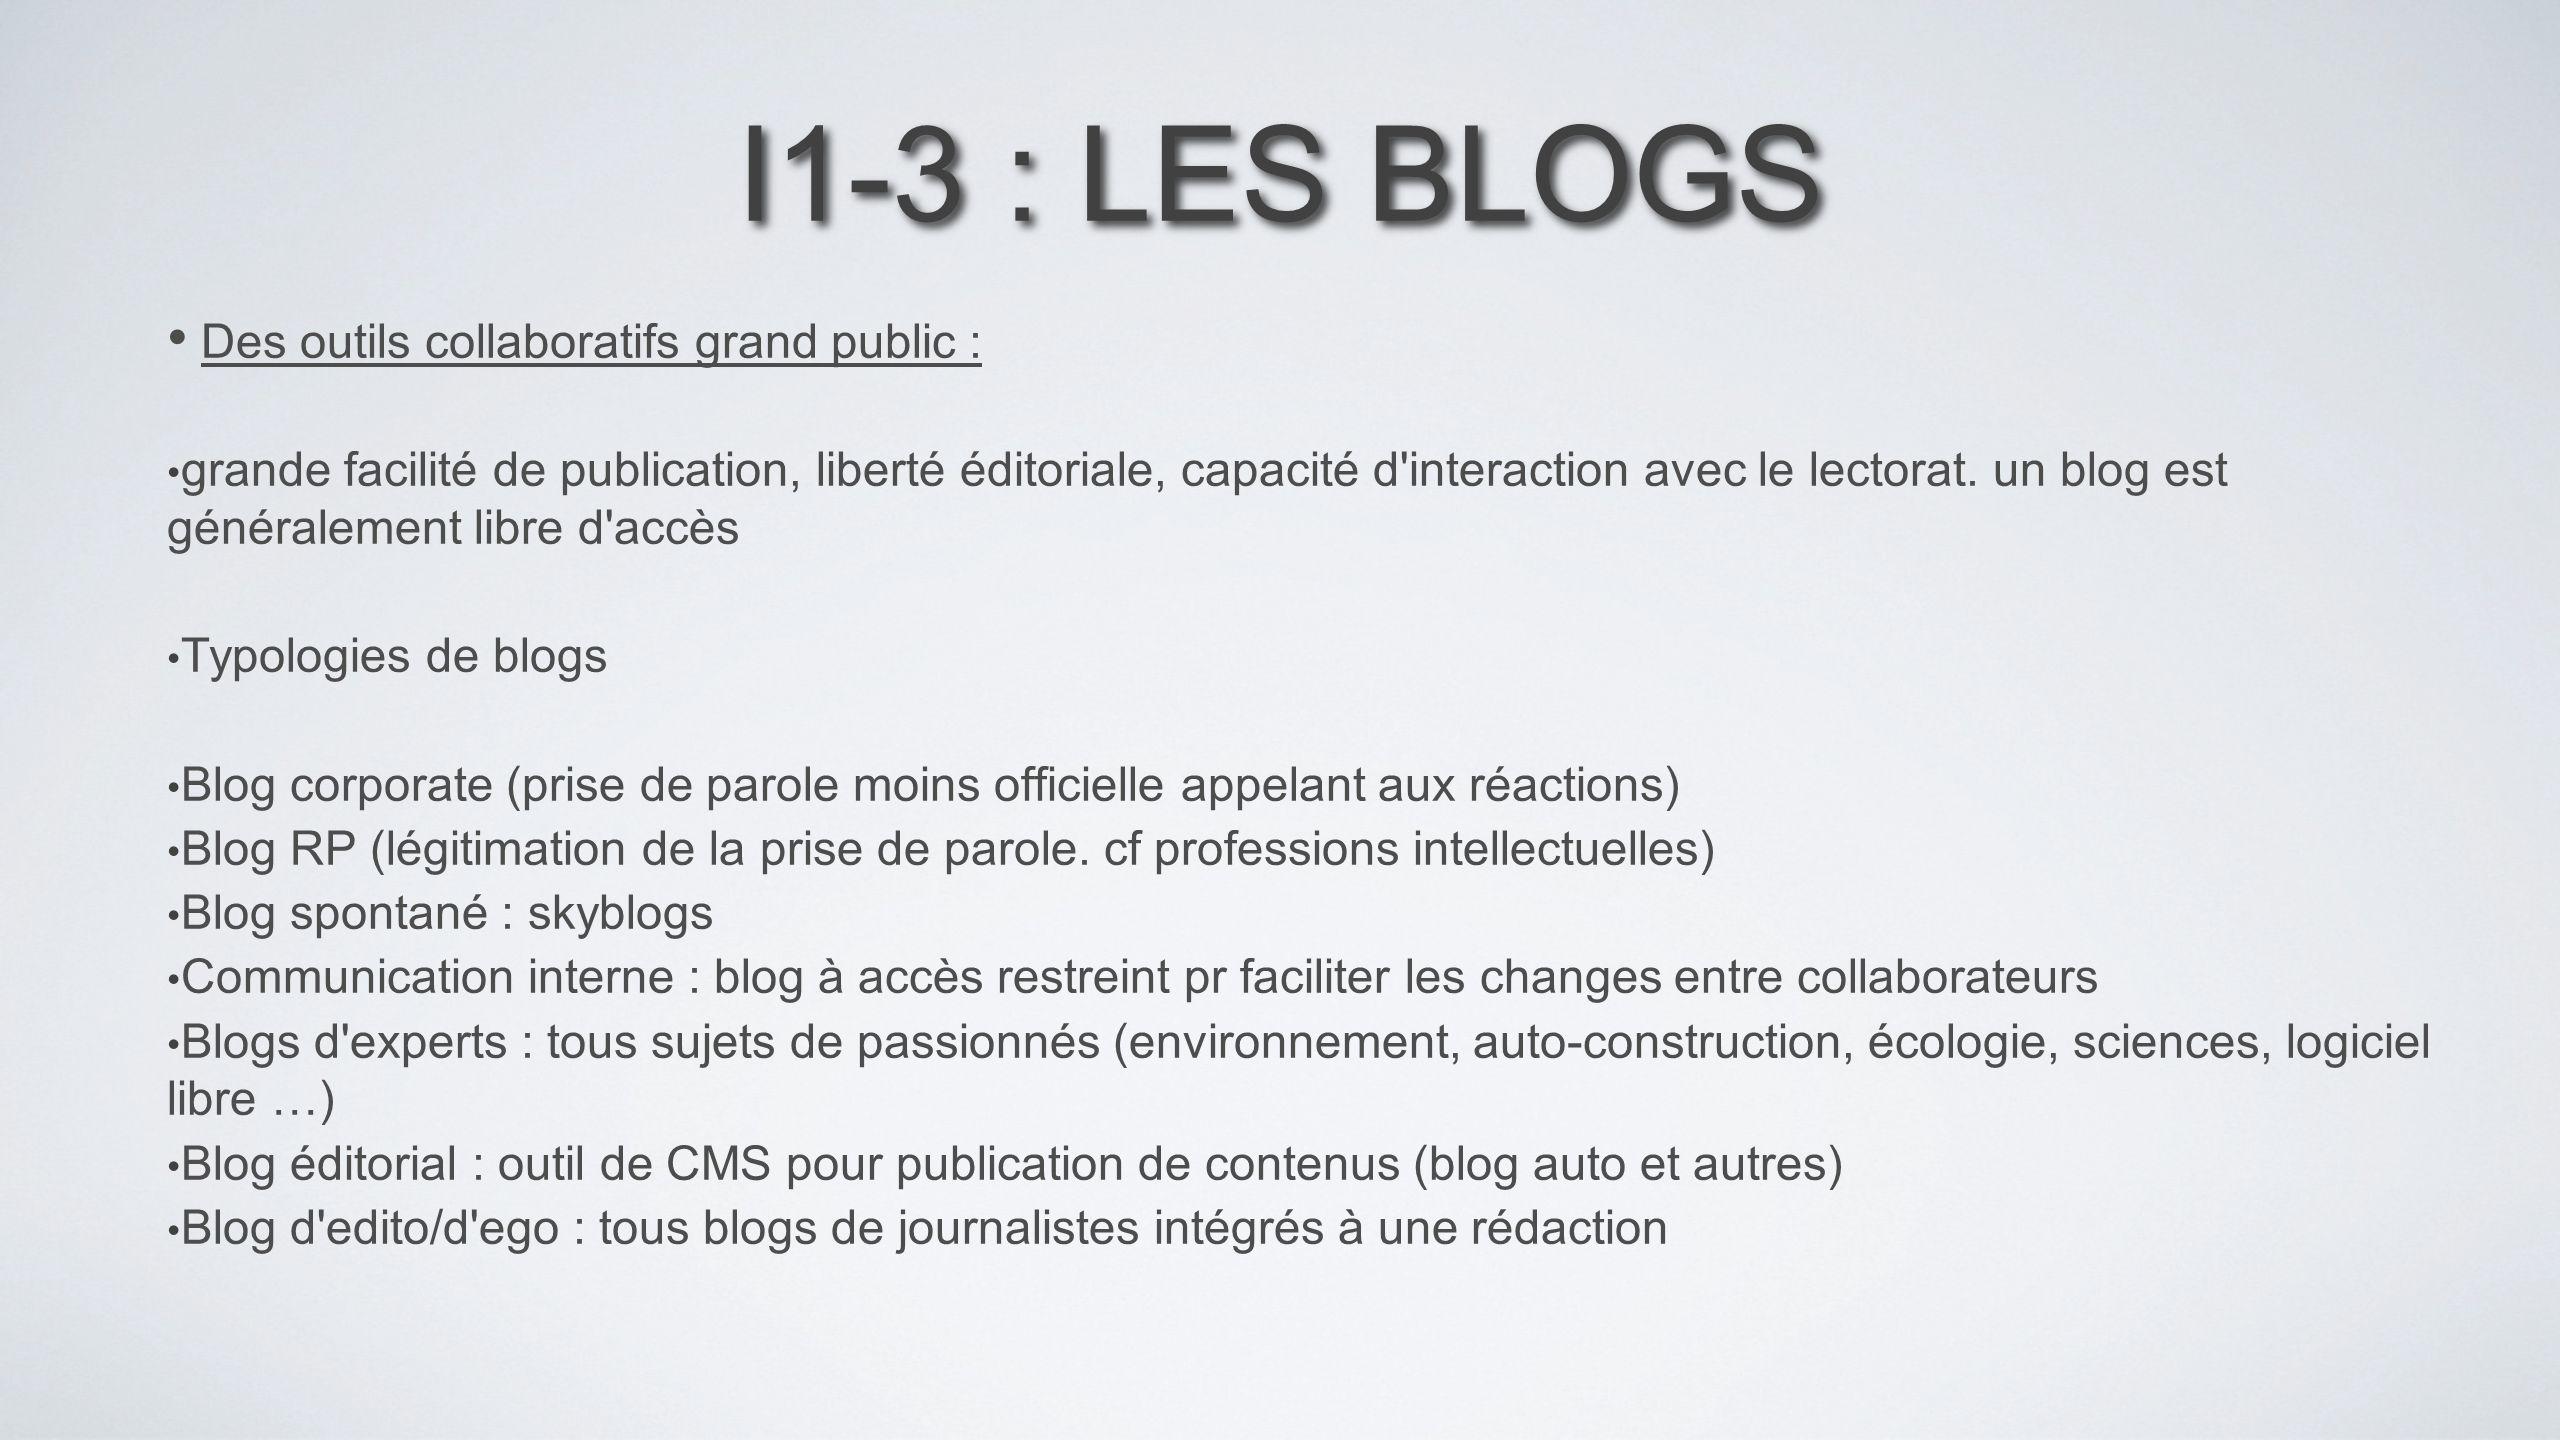 I1-3 : LES BLOGS Des outils collaboratifs grand public : grande facilité de publication, liberté éditoriale, capacité d'interaction avec le lectorat.